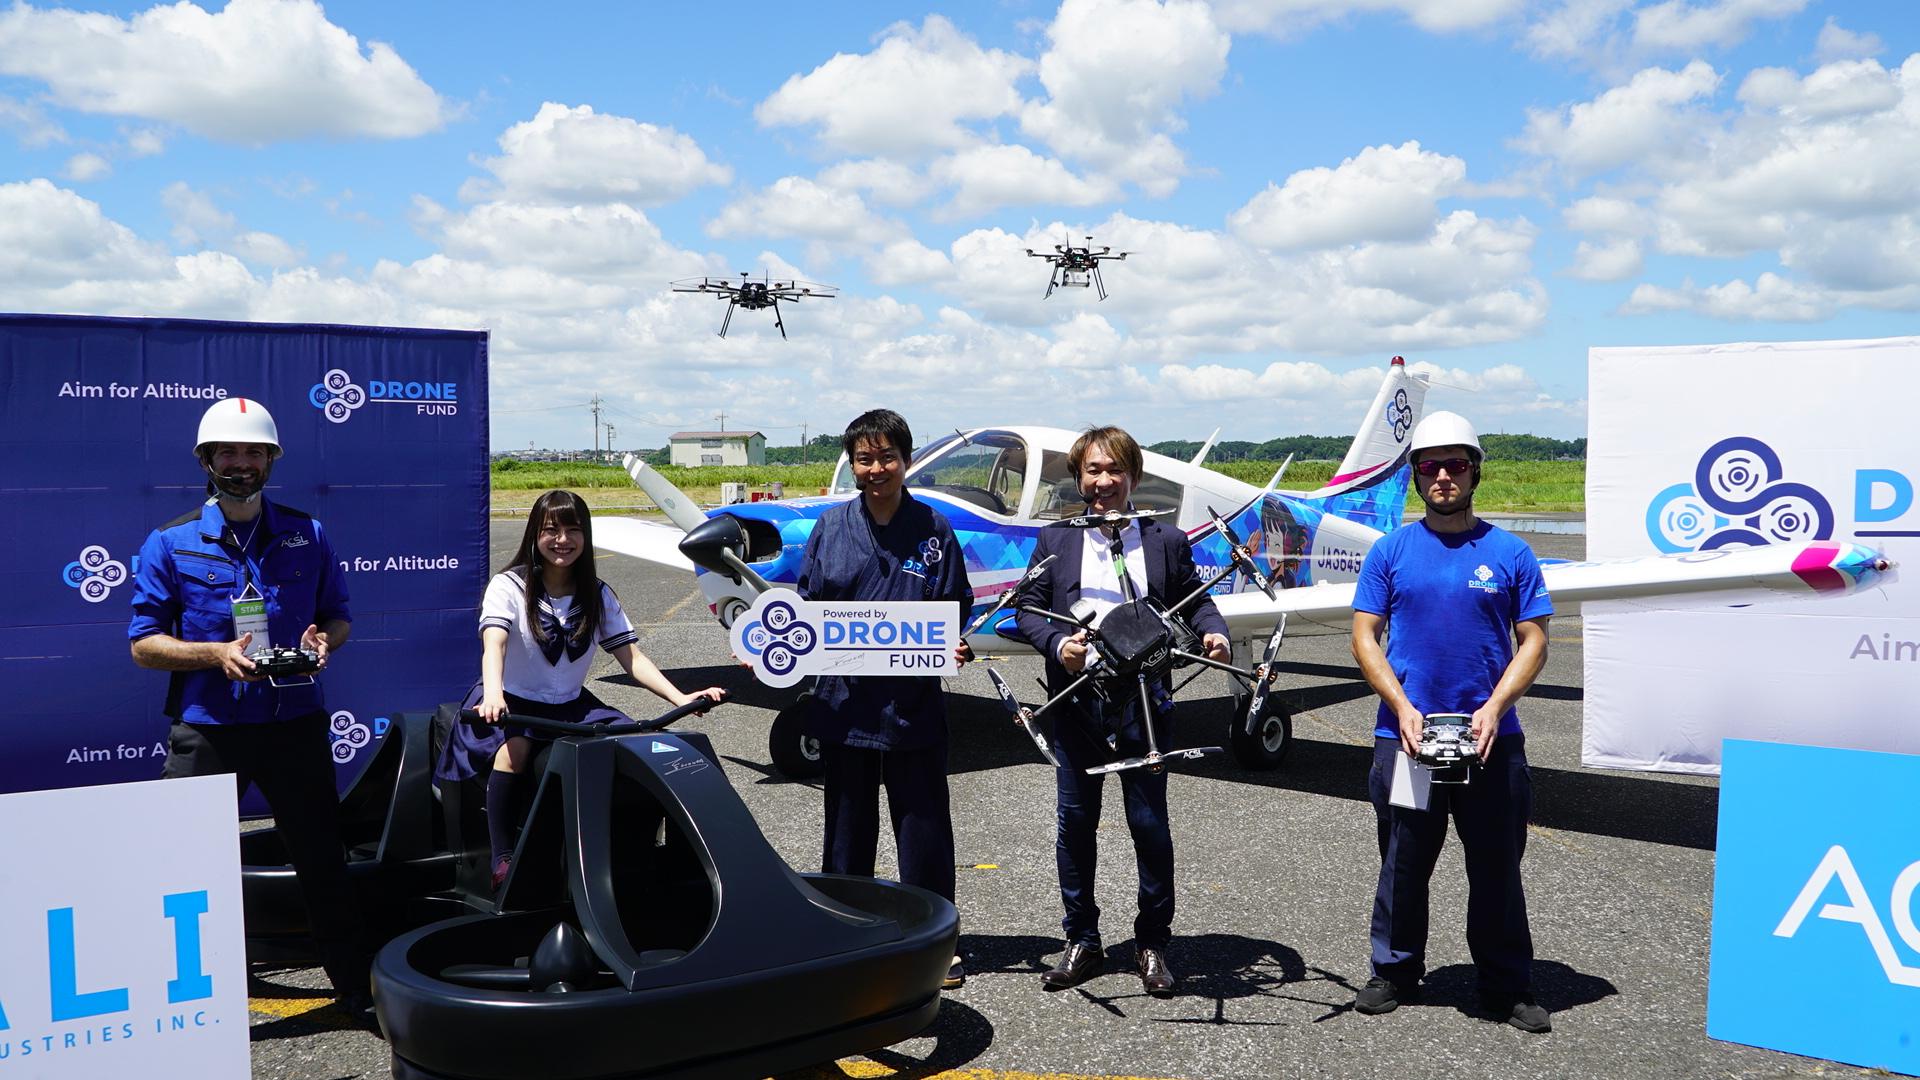 最大50億円規模の世界最大級ドローン・スタートアップ特化型ファンド 「Drone Fund 2号」設立